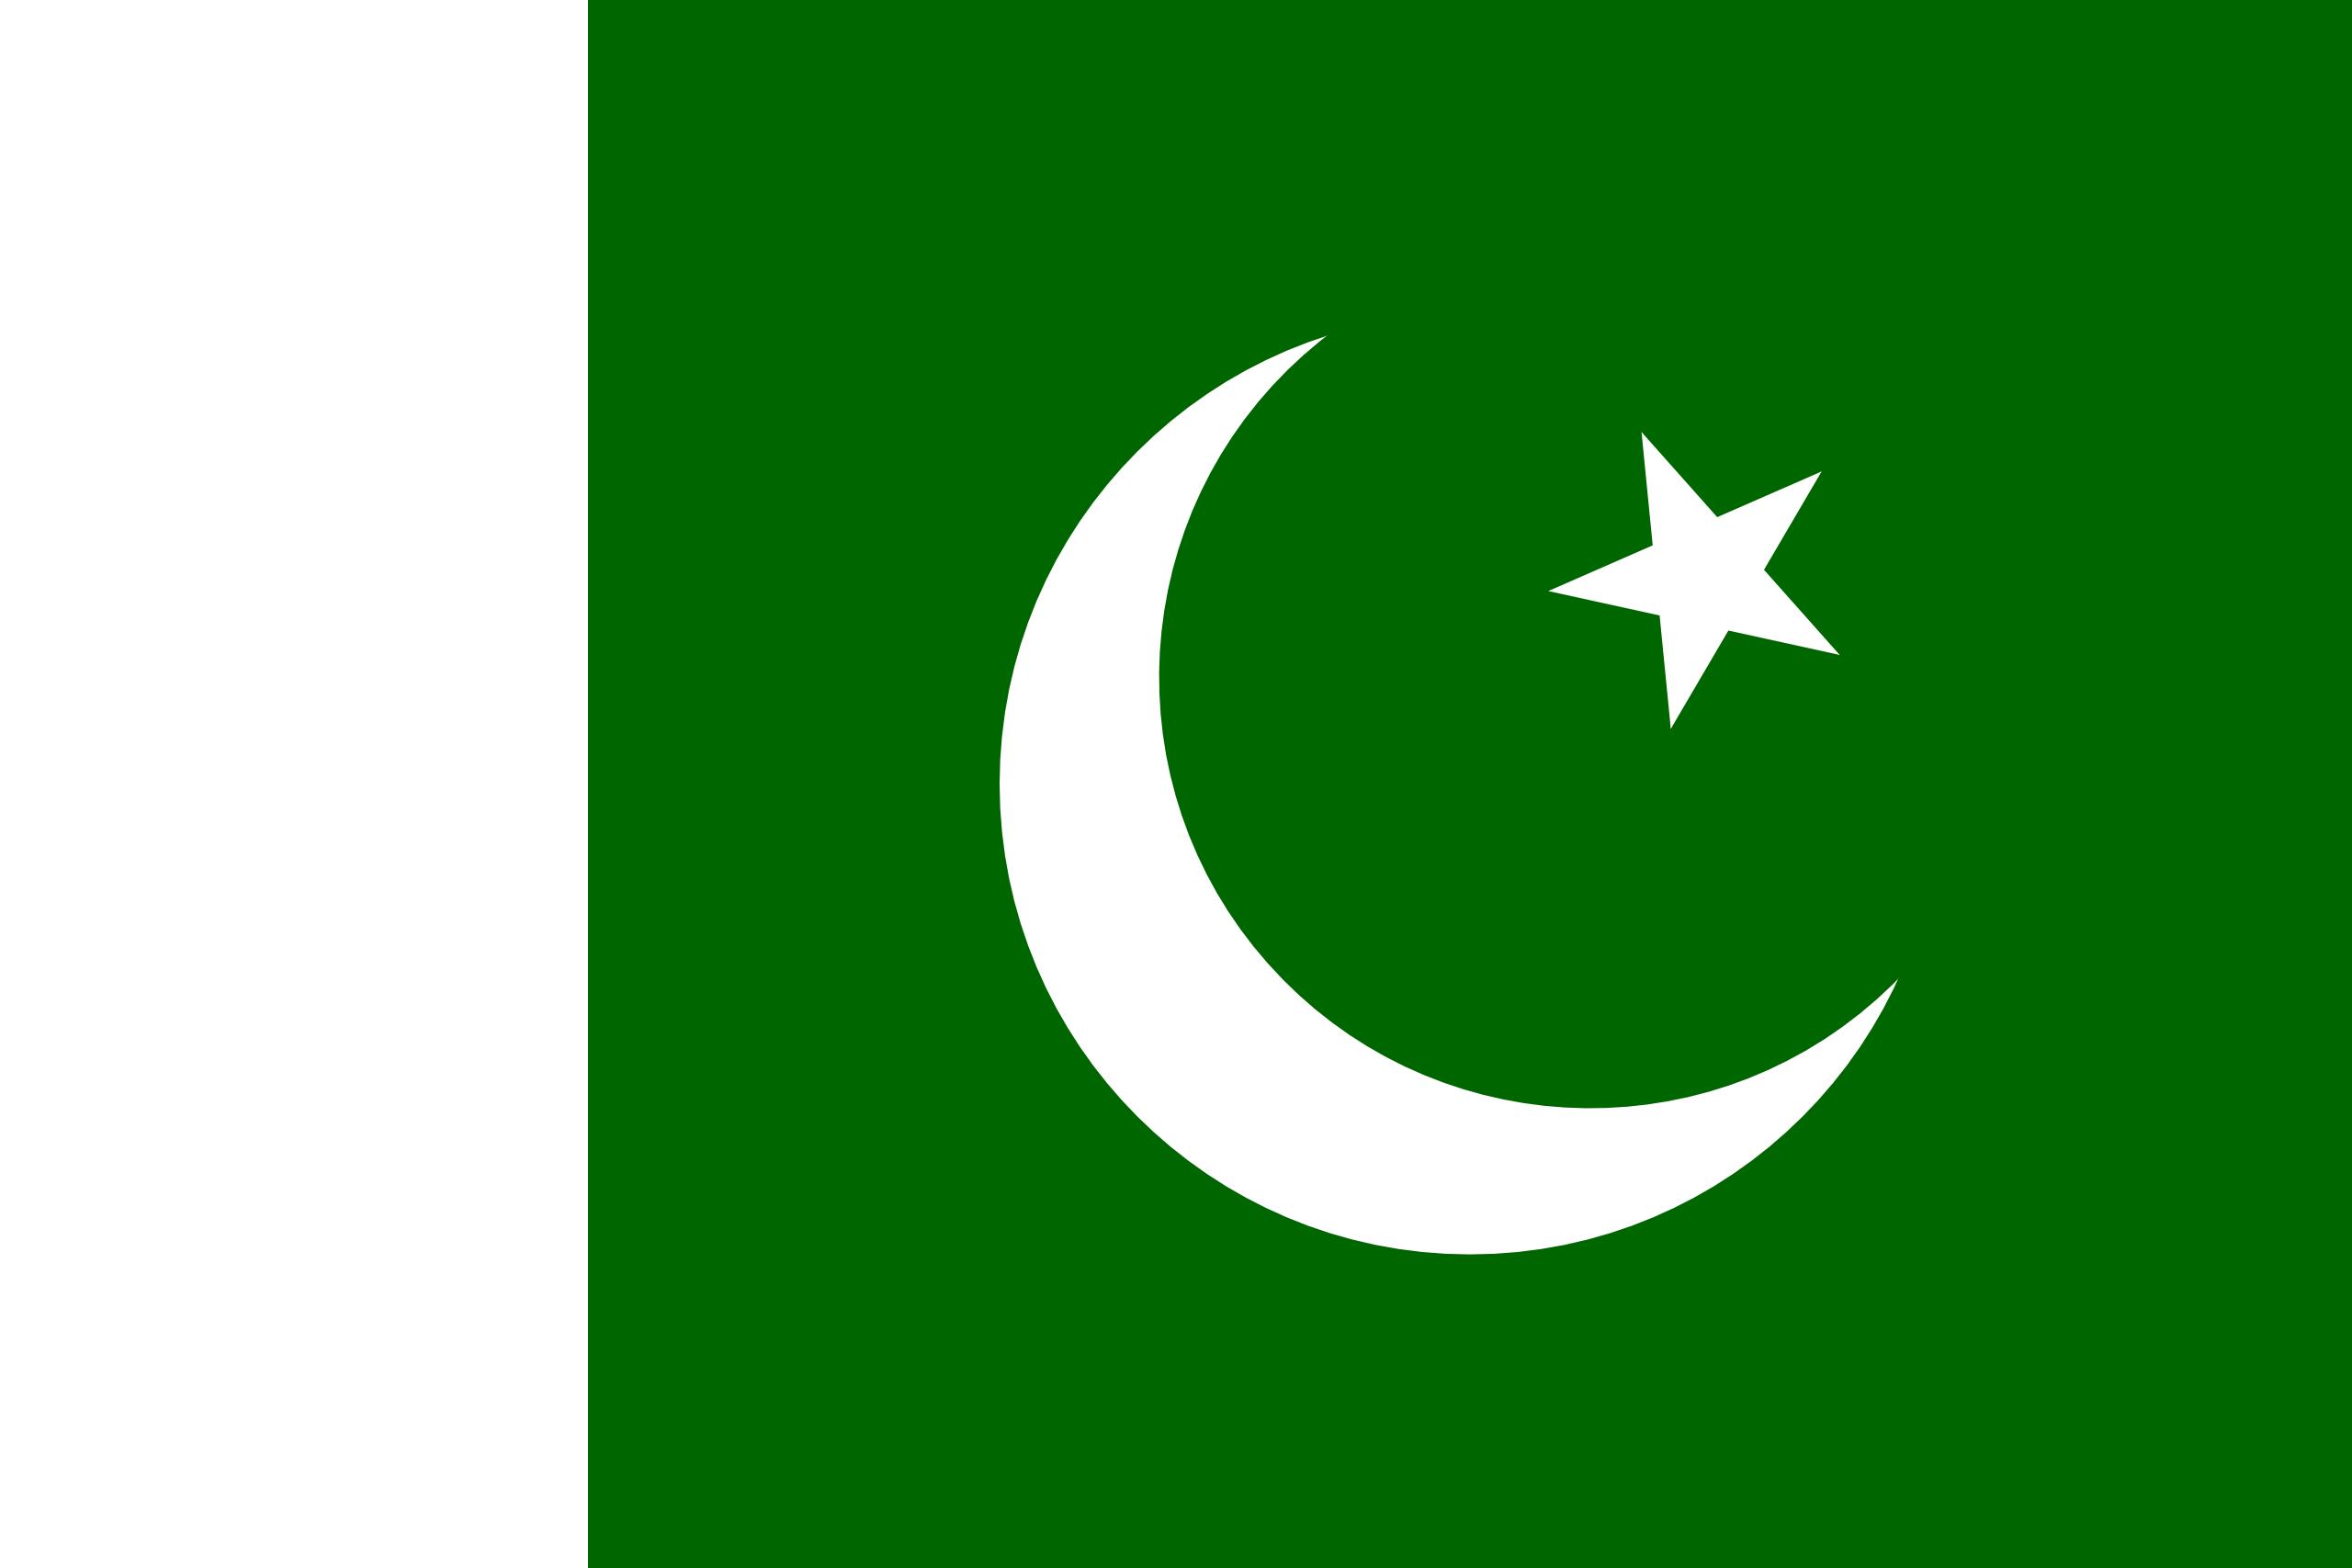 pakistán, 国家, 会徽, 徽标, 符号 - 高清壁纸 - 教授-falken.com